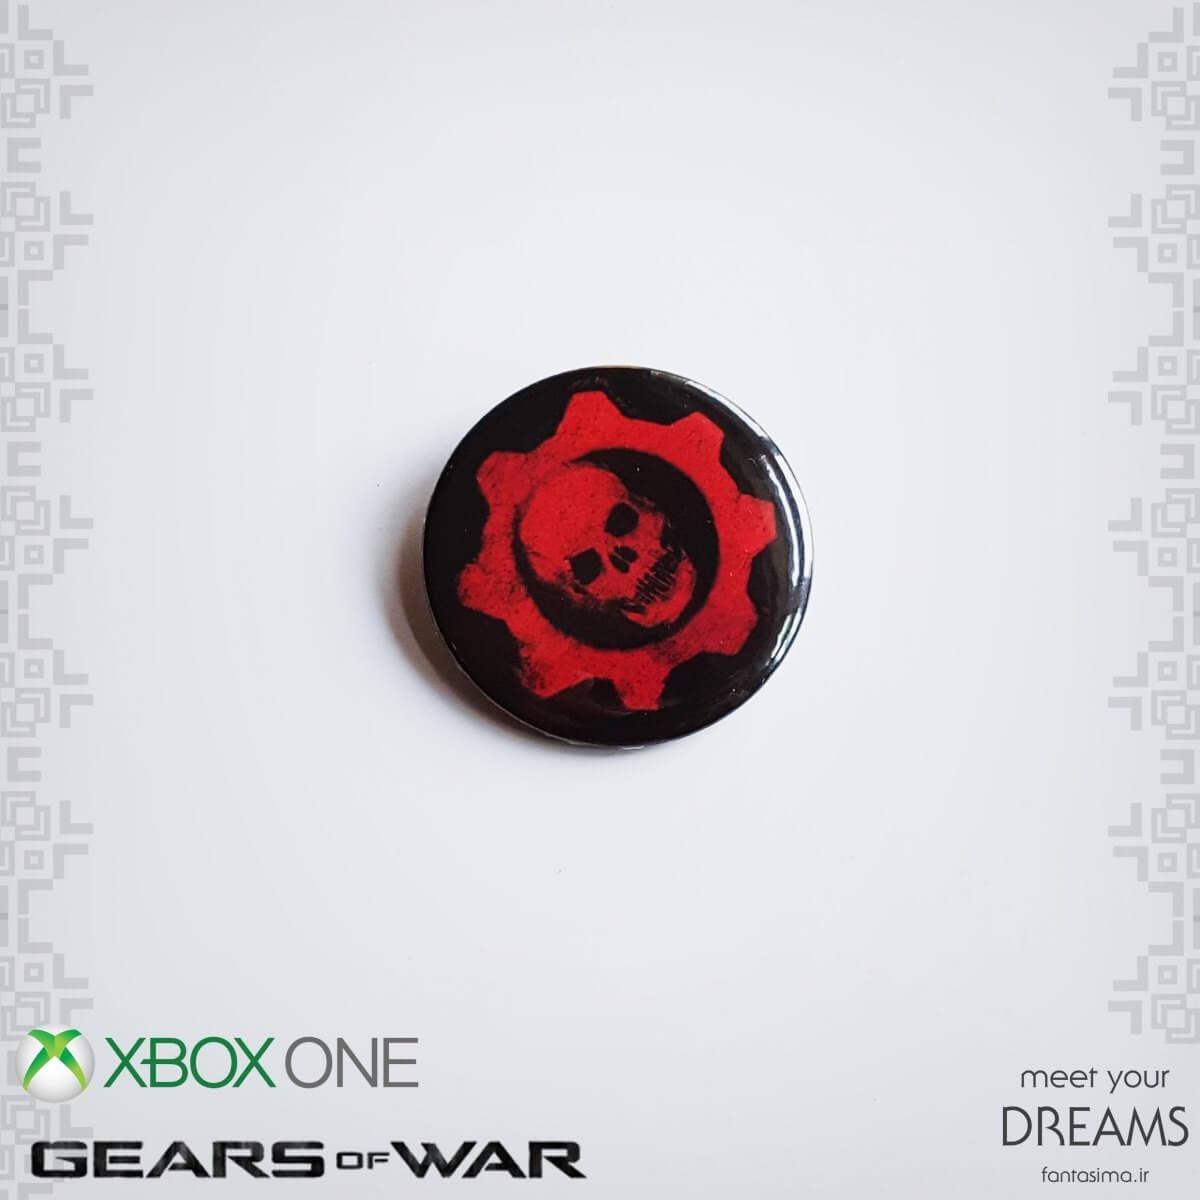 پیکسل فلزی نماد gears of war